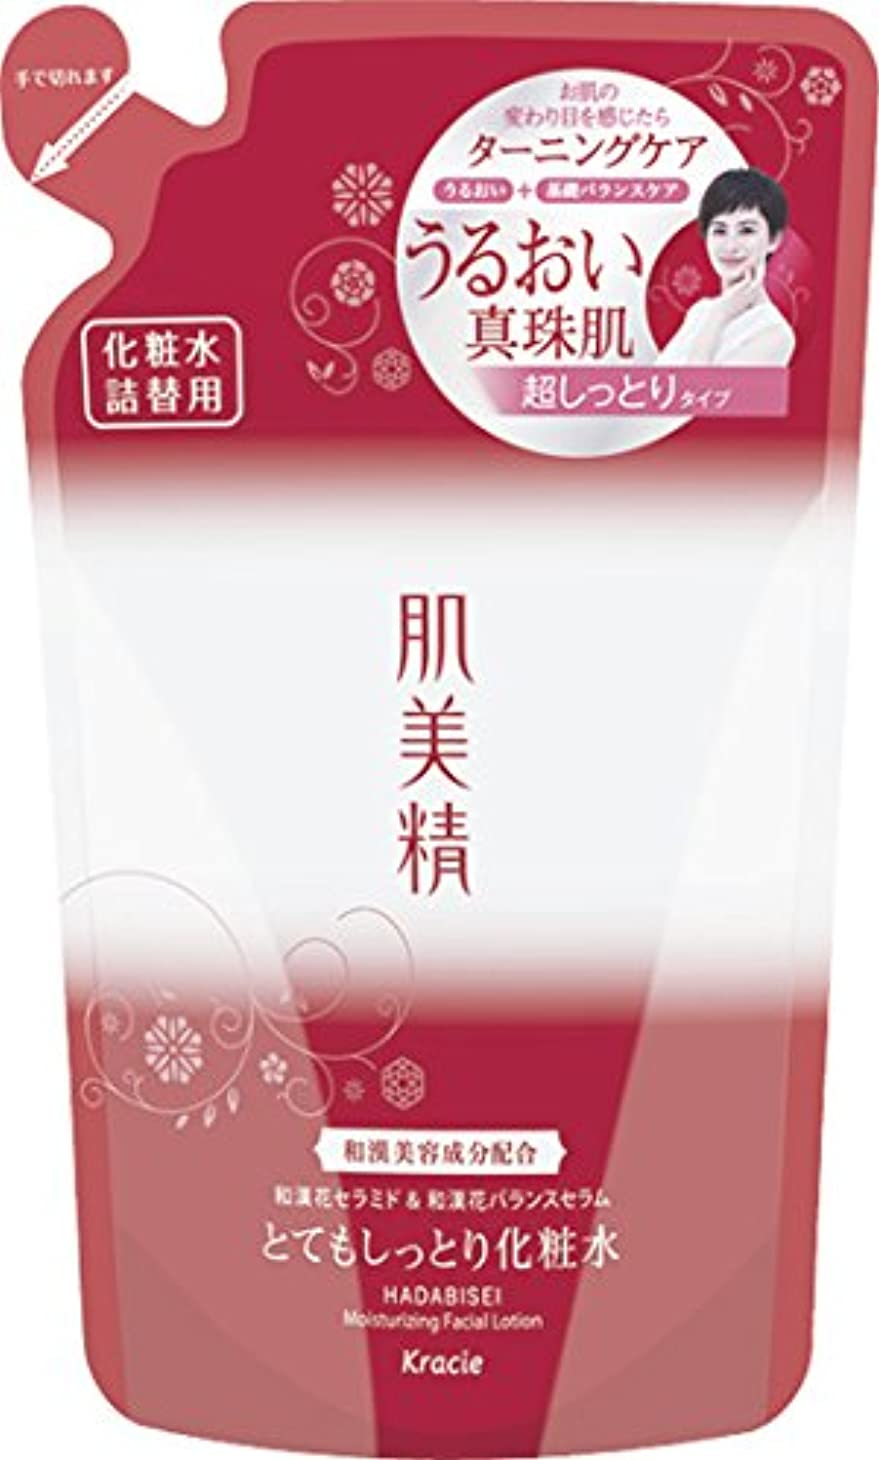 ジョガー依存協力する肌美精 潤濃ターニングケア保湿 とてもしっとり化粧水 詰替用 180mL